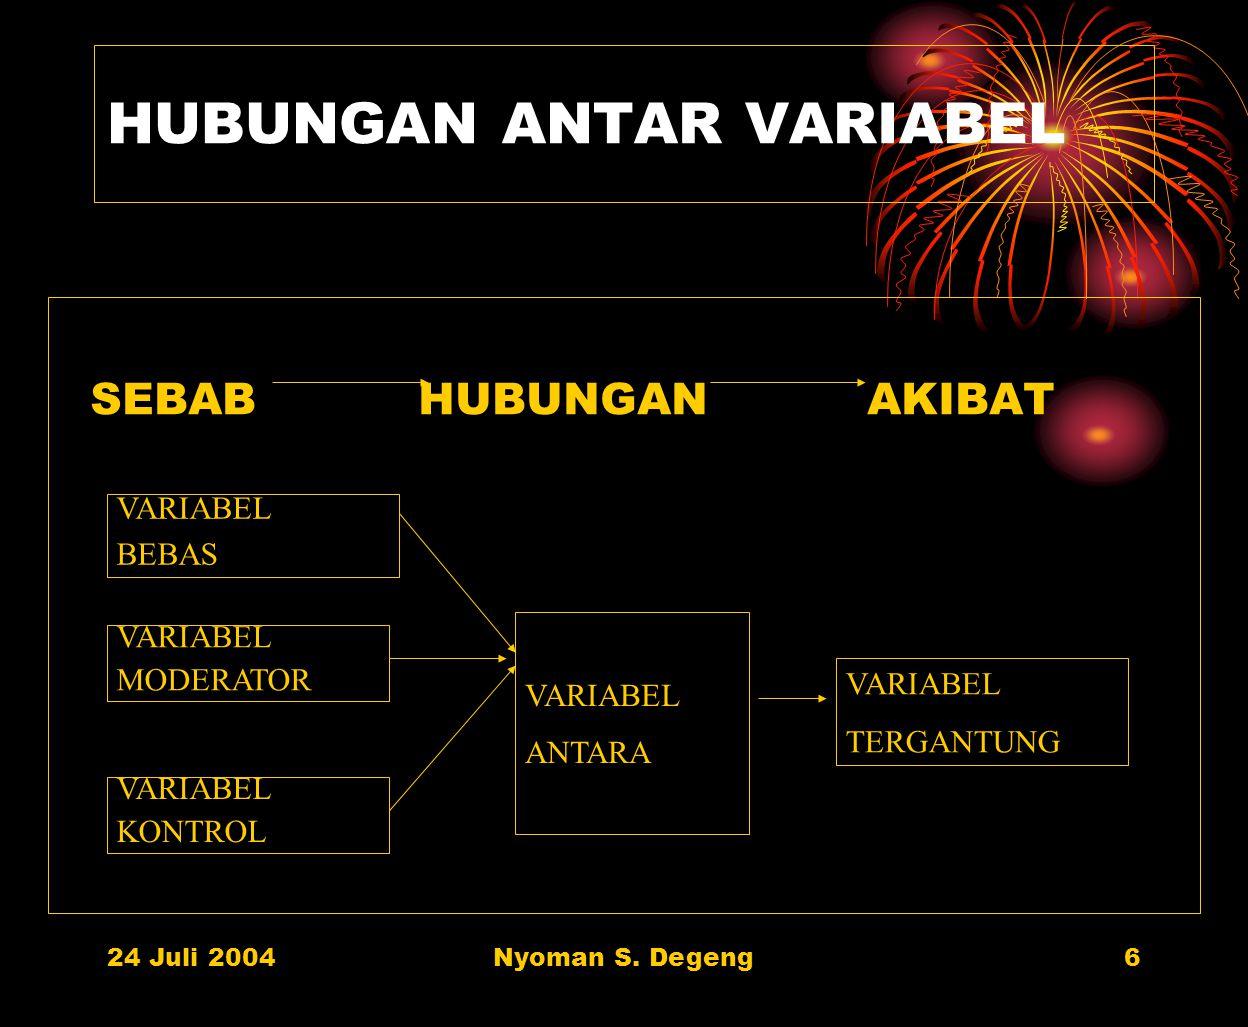 24 Juli 2004Nyoman S. Degeng5 KLASIFIKASI VARIABEL DALAM PENELITIAN EKSPERIMENTAL 1. Variabel bebas 2. Variabel moderator 3. Variabel kontrol 4. Varia